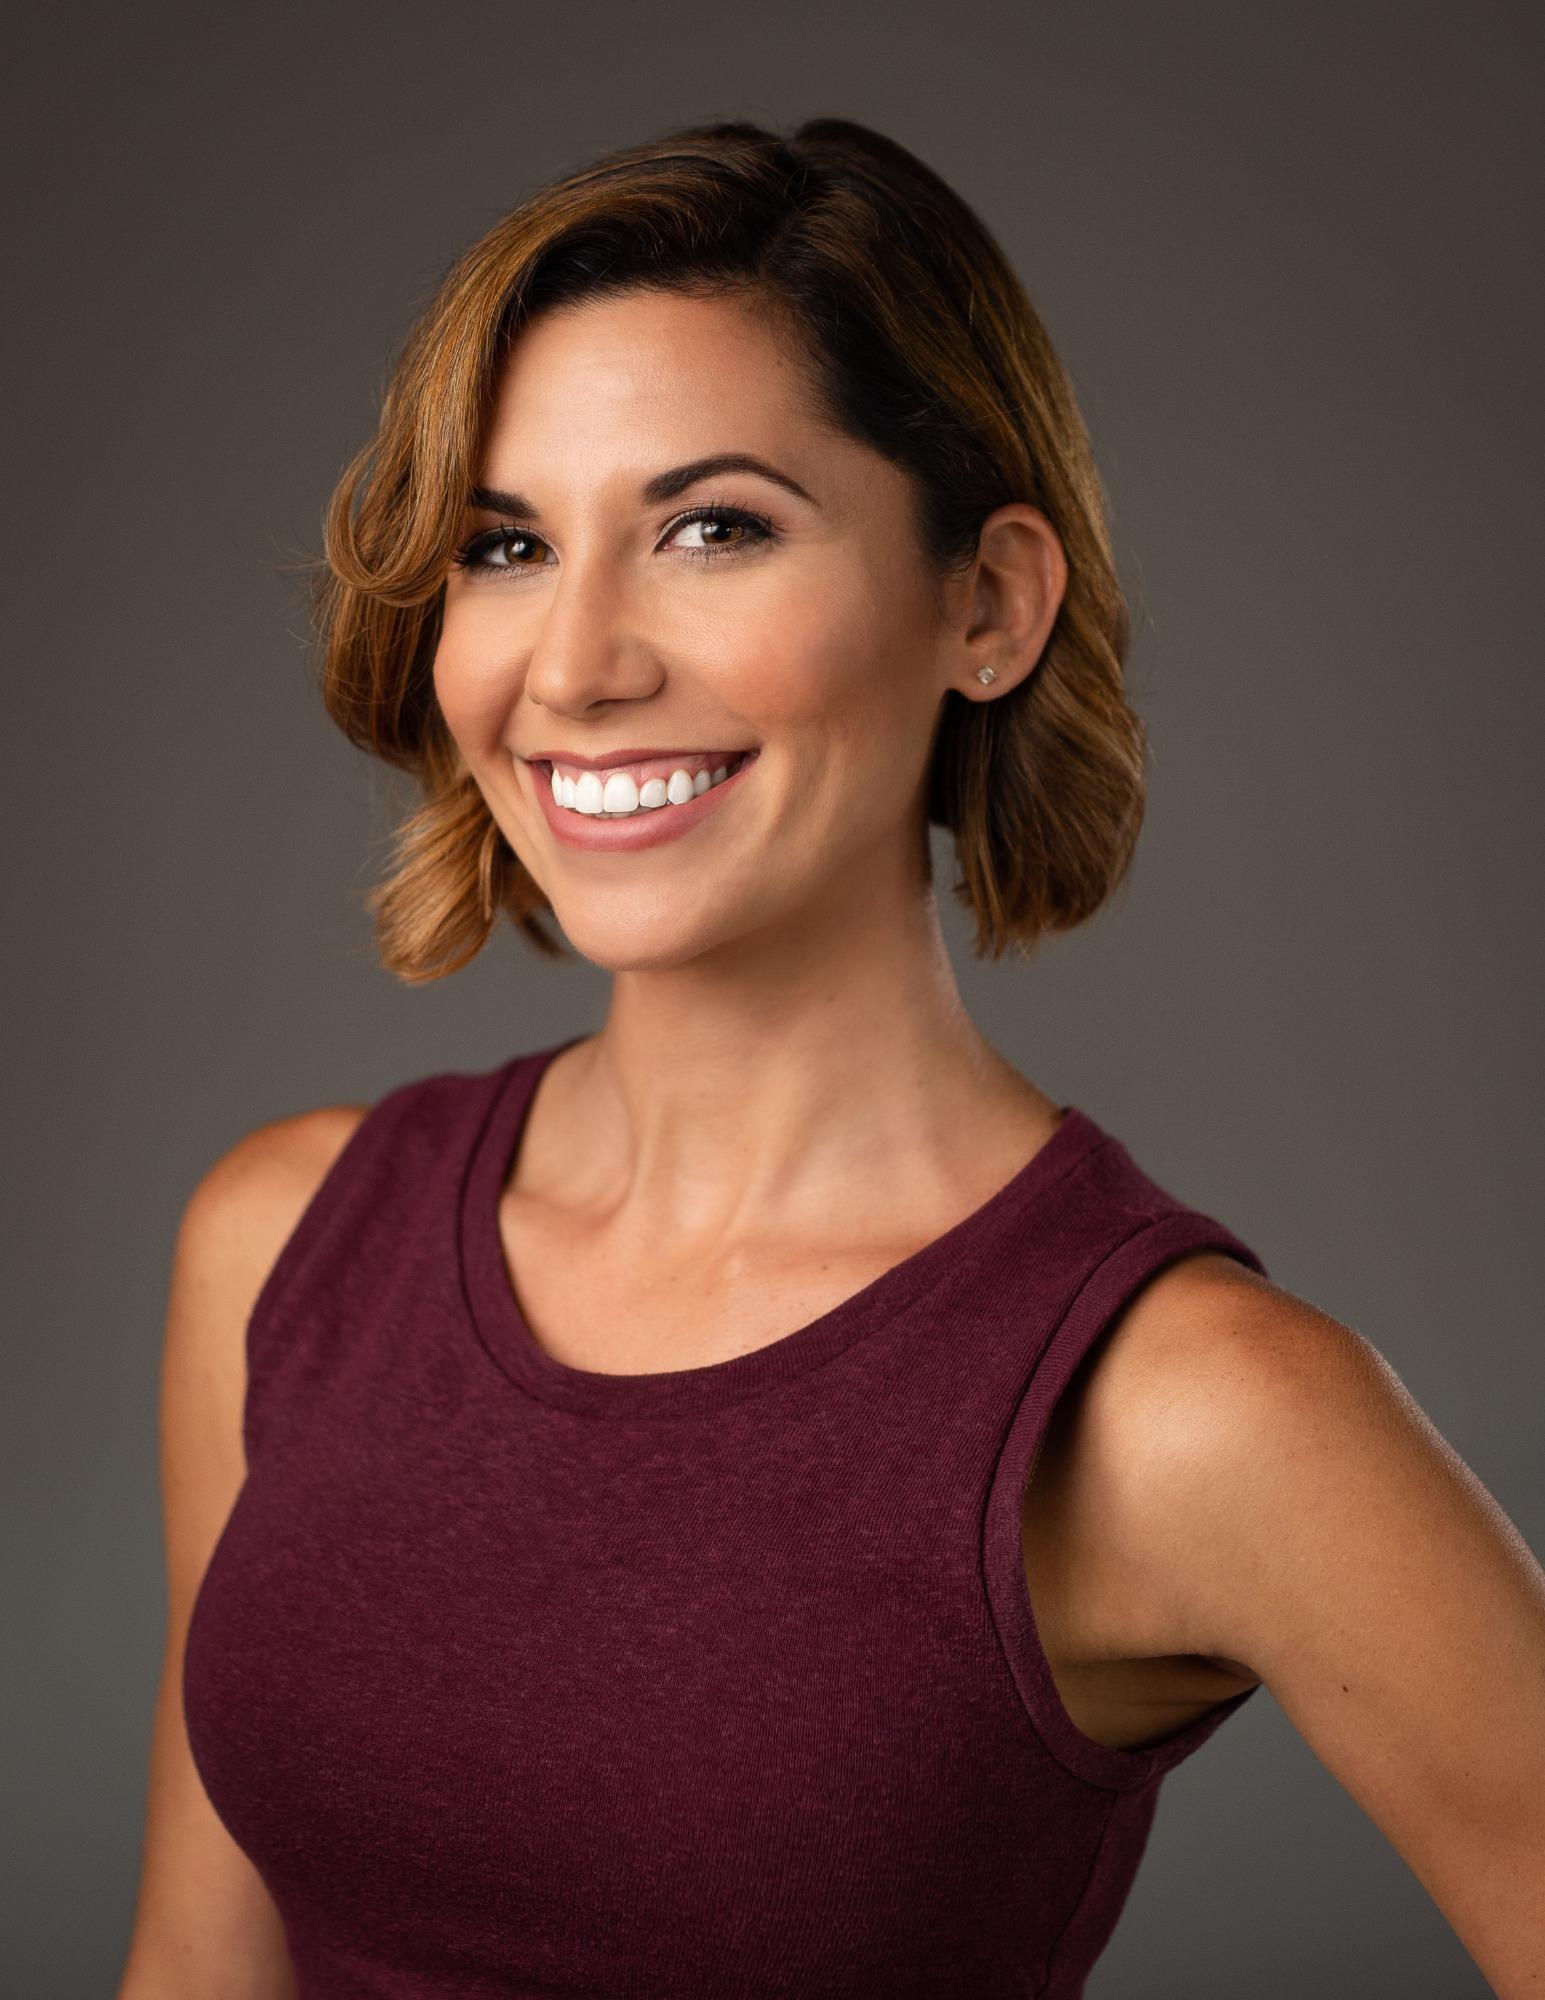 Sarah Hendricks